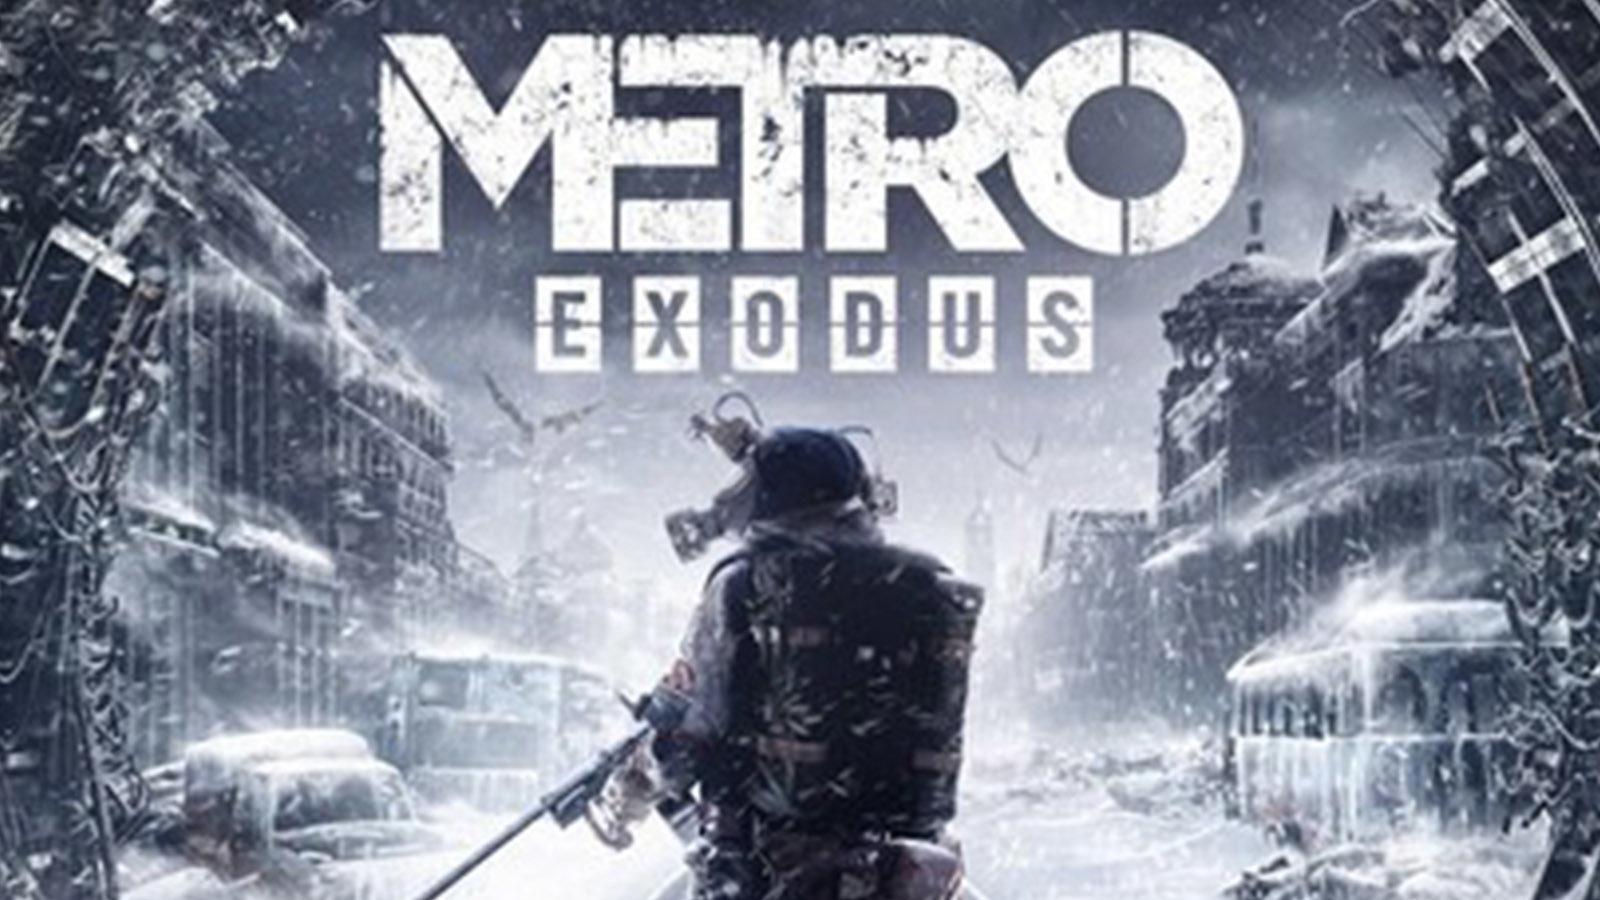 亚洲游戏娱乐公司宣布《地铁 离去》将于发售首日追加中文字幕